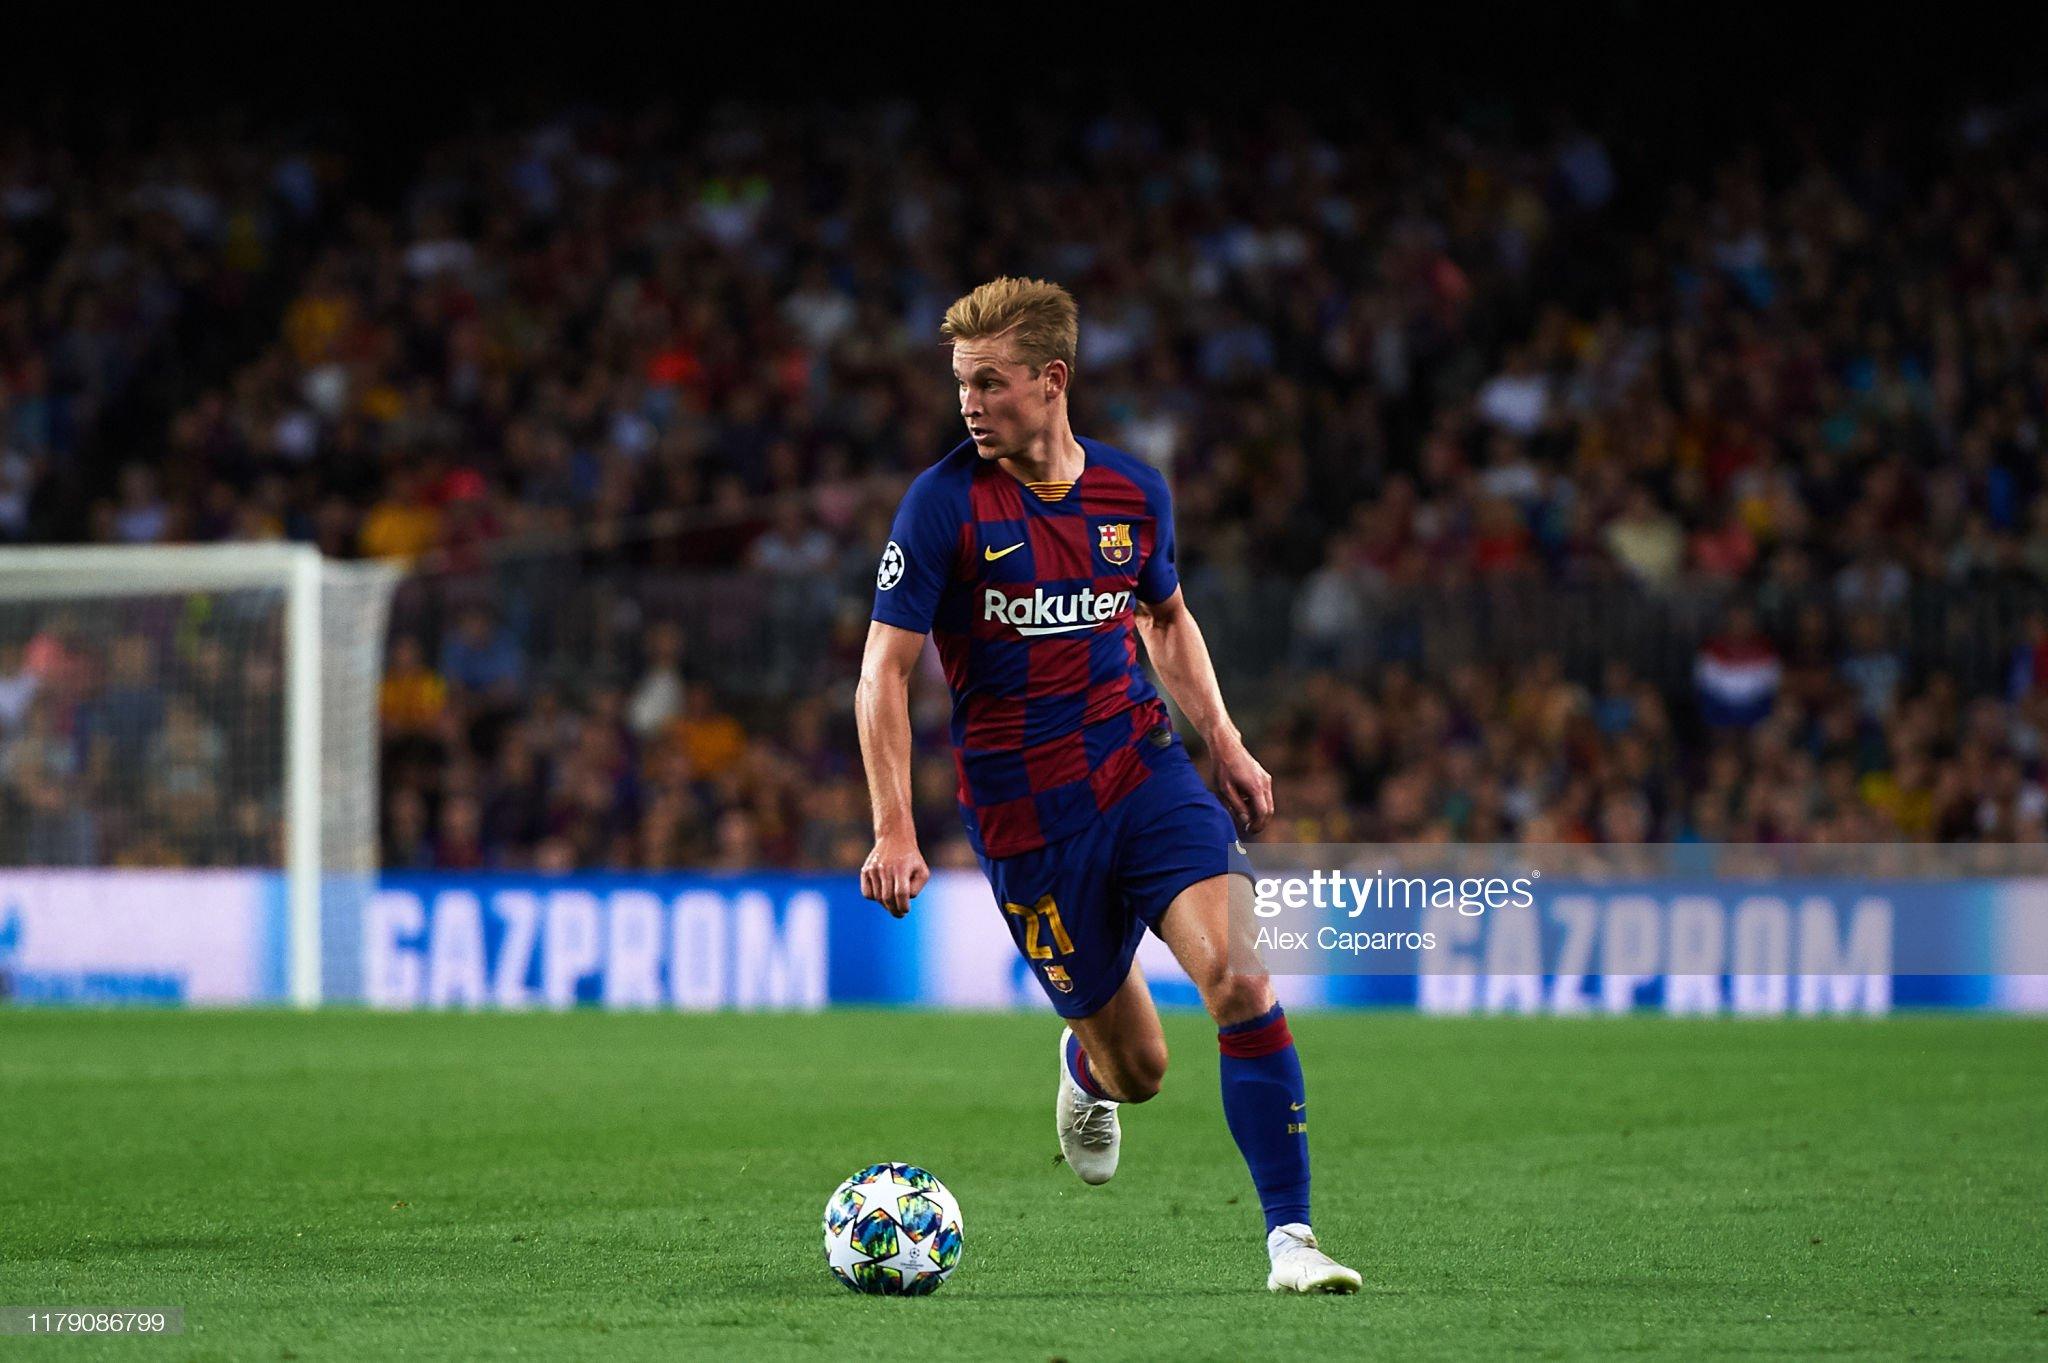 صور مباراة : برشلونة - إنتر 2-1 ( 02-10-2019 )  Frenkie-de-jong-of-fc-barcelona-conducts-the-ball-during-the-uefa-picture-id1179086799?s=2048x2048